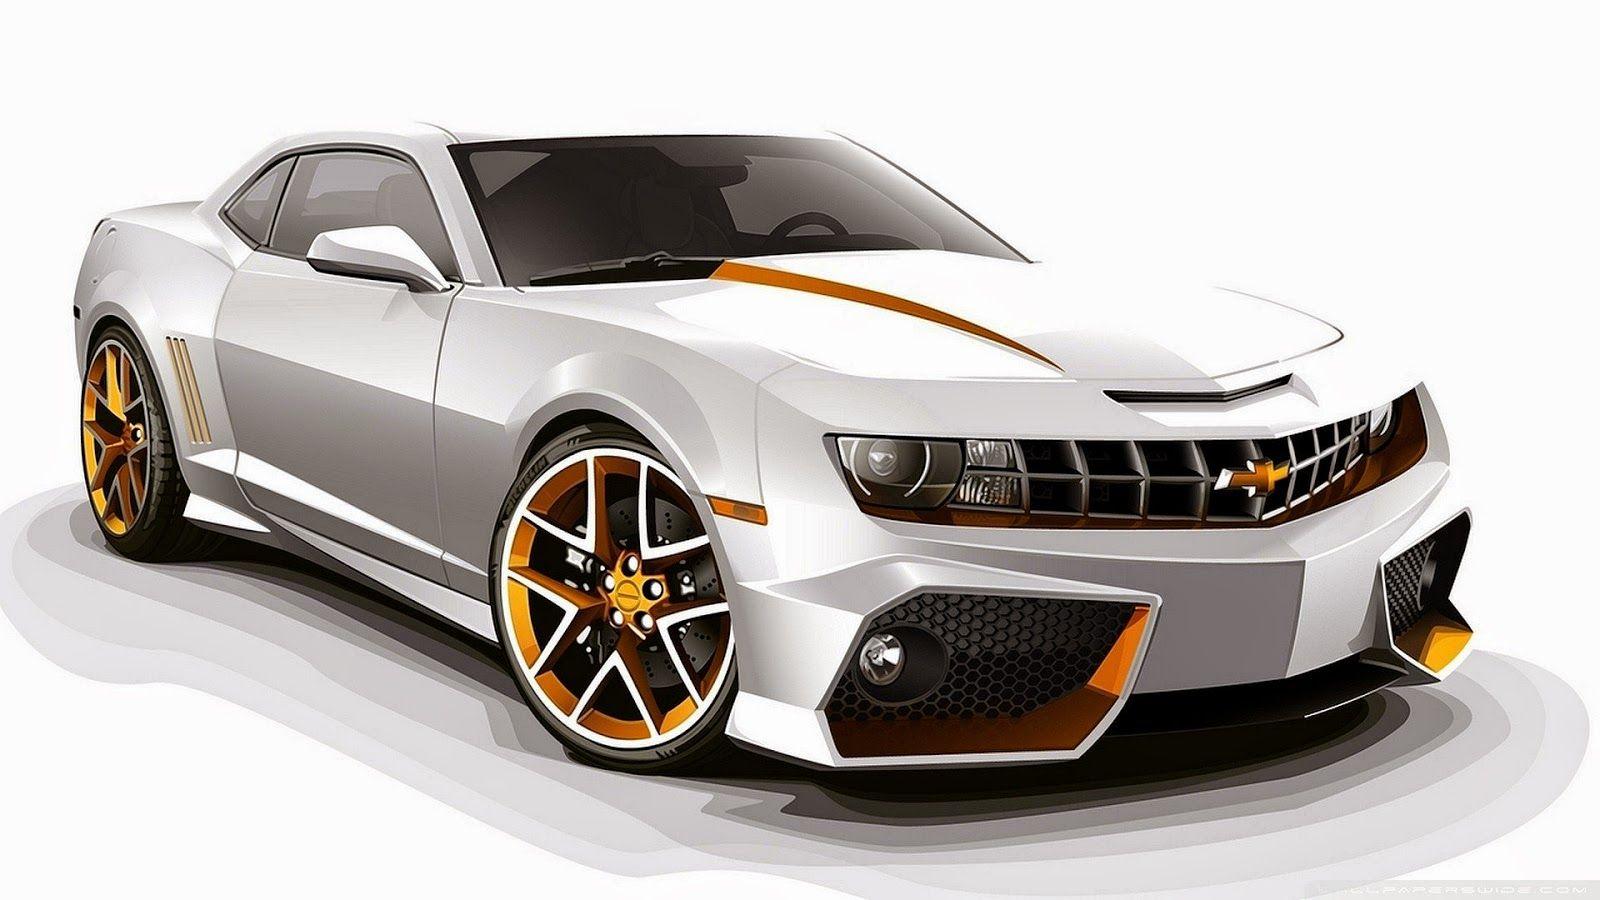 imagenes de carros deportivos 2015 fotos de motos y autos caleb